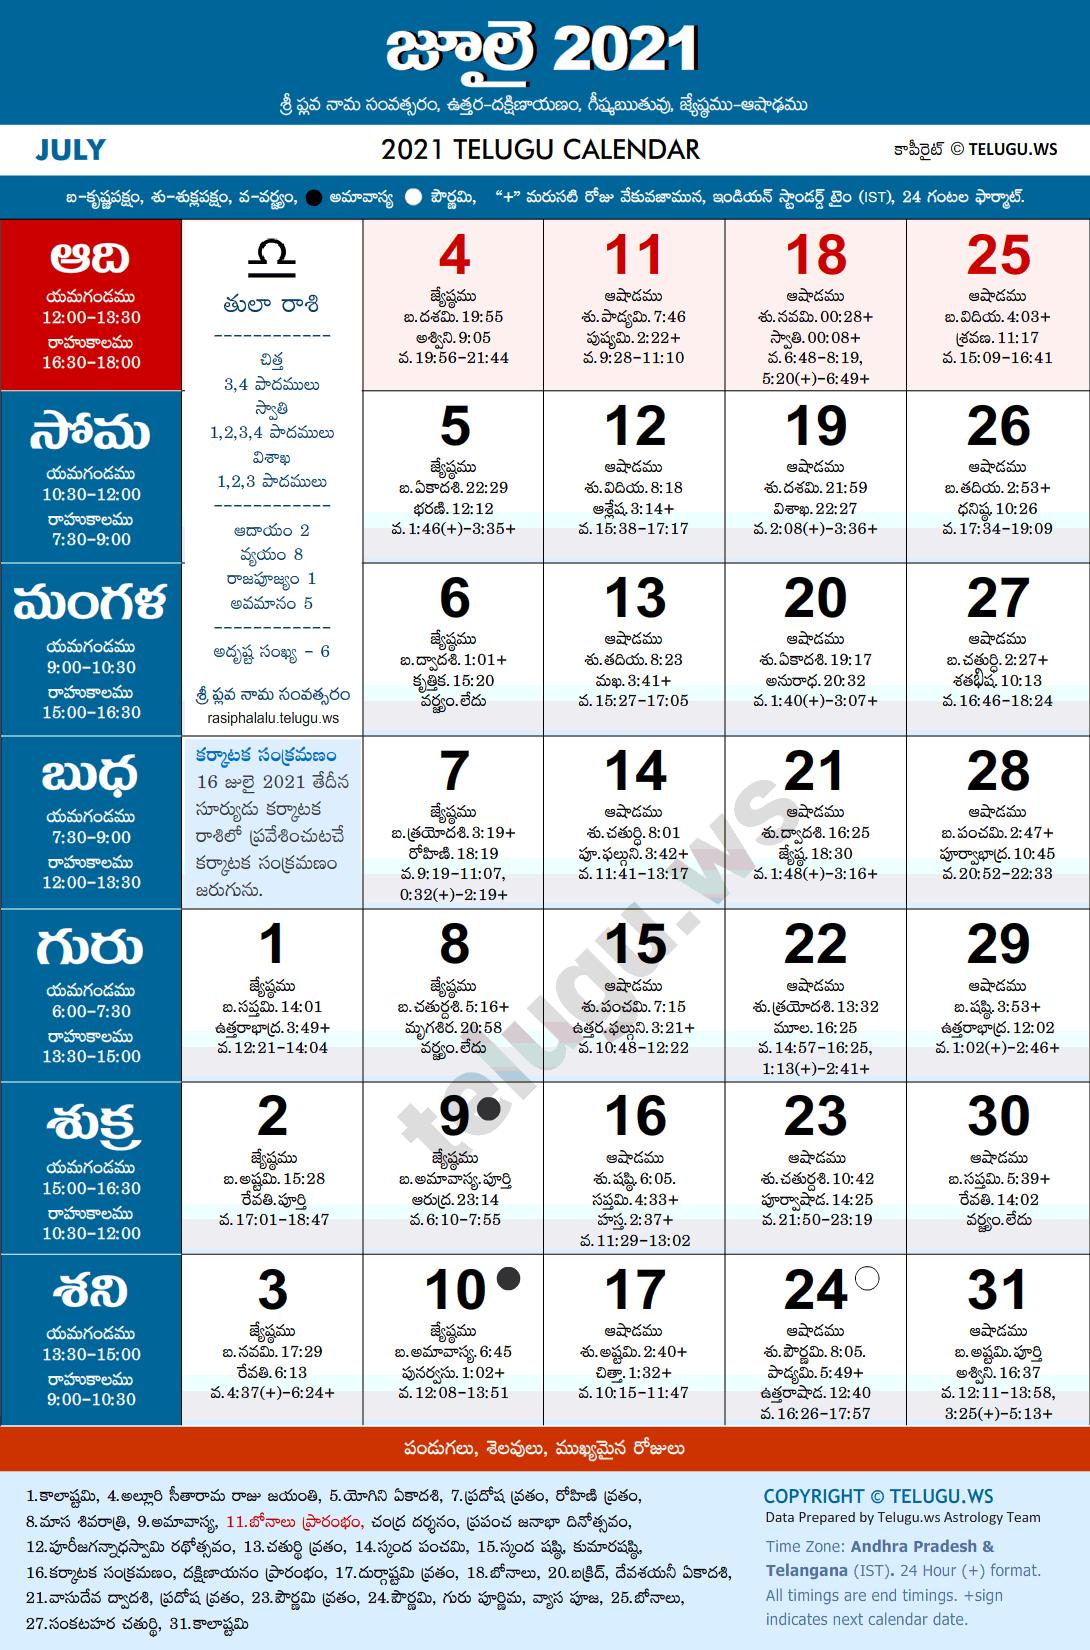 Eenadu Calendar 2022.Telugu Calendar 2021 July Pdf Print With Festivals Holidays List